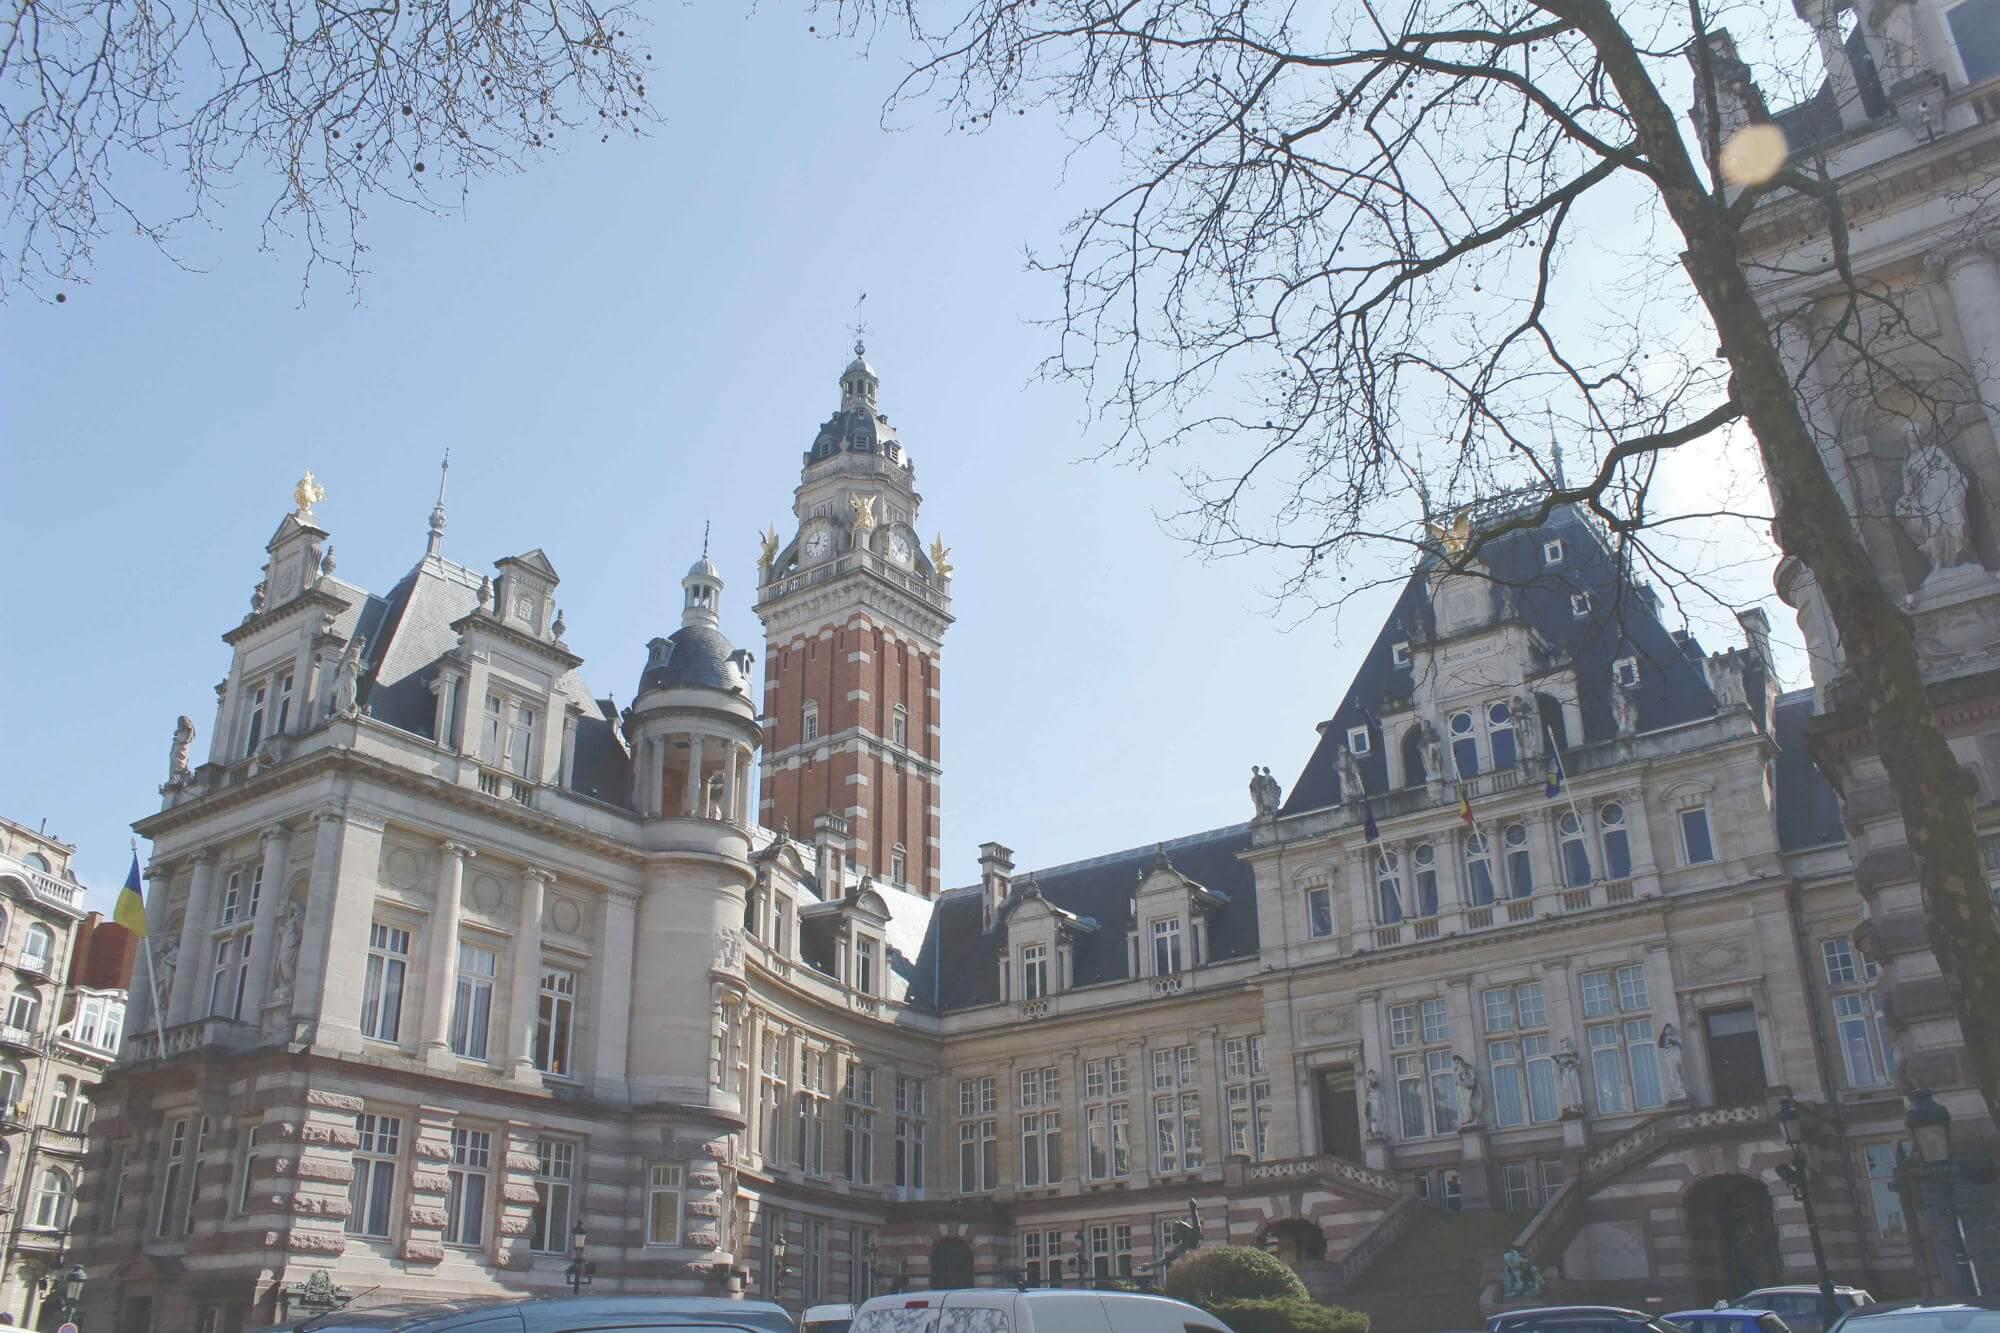 gotisches Rathaus des Stadtteils Saint Gilles in Brüssel, Belgien